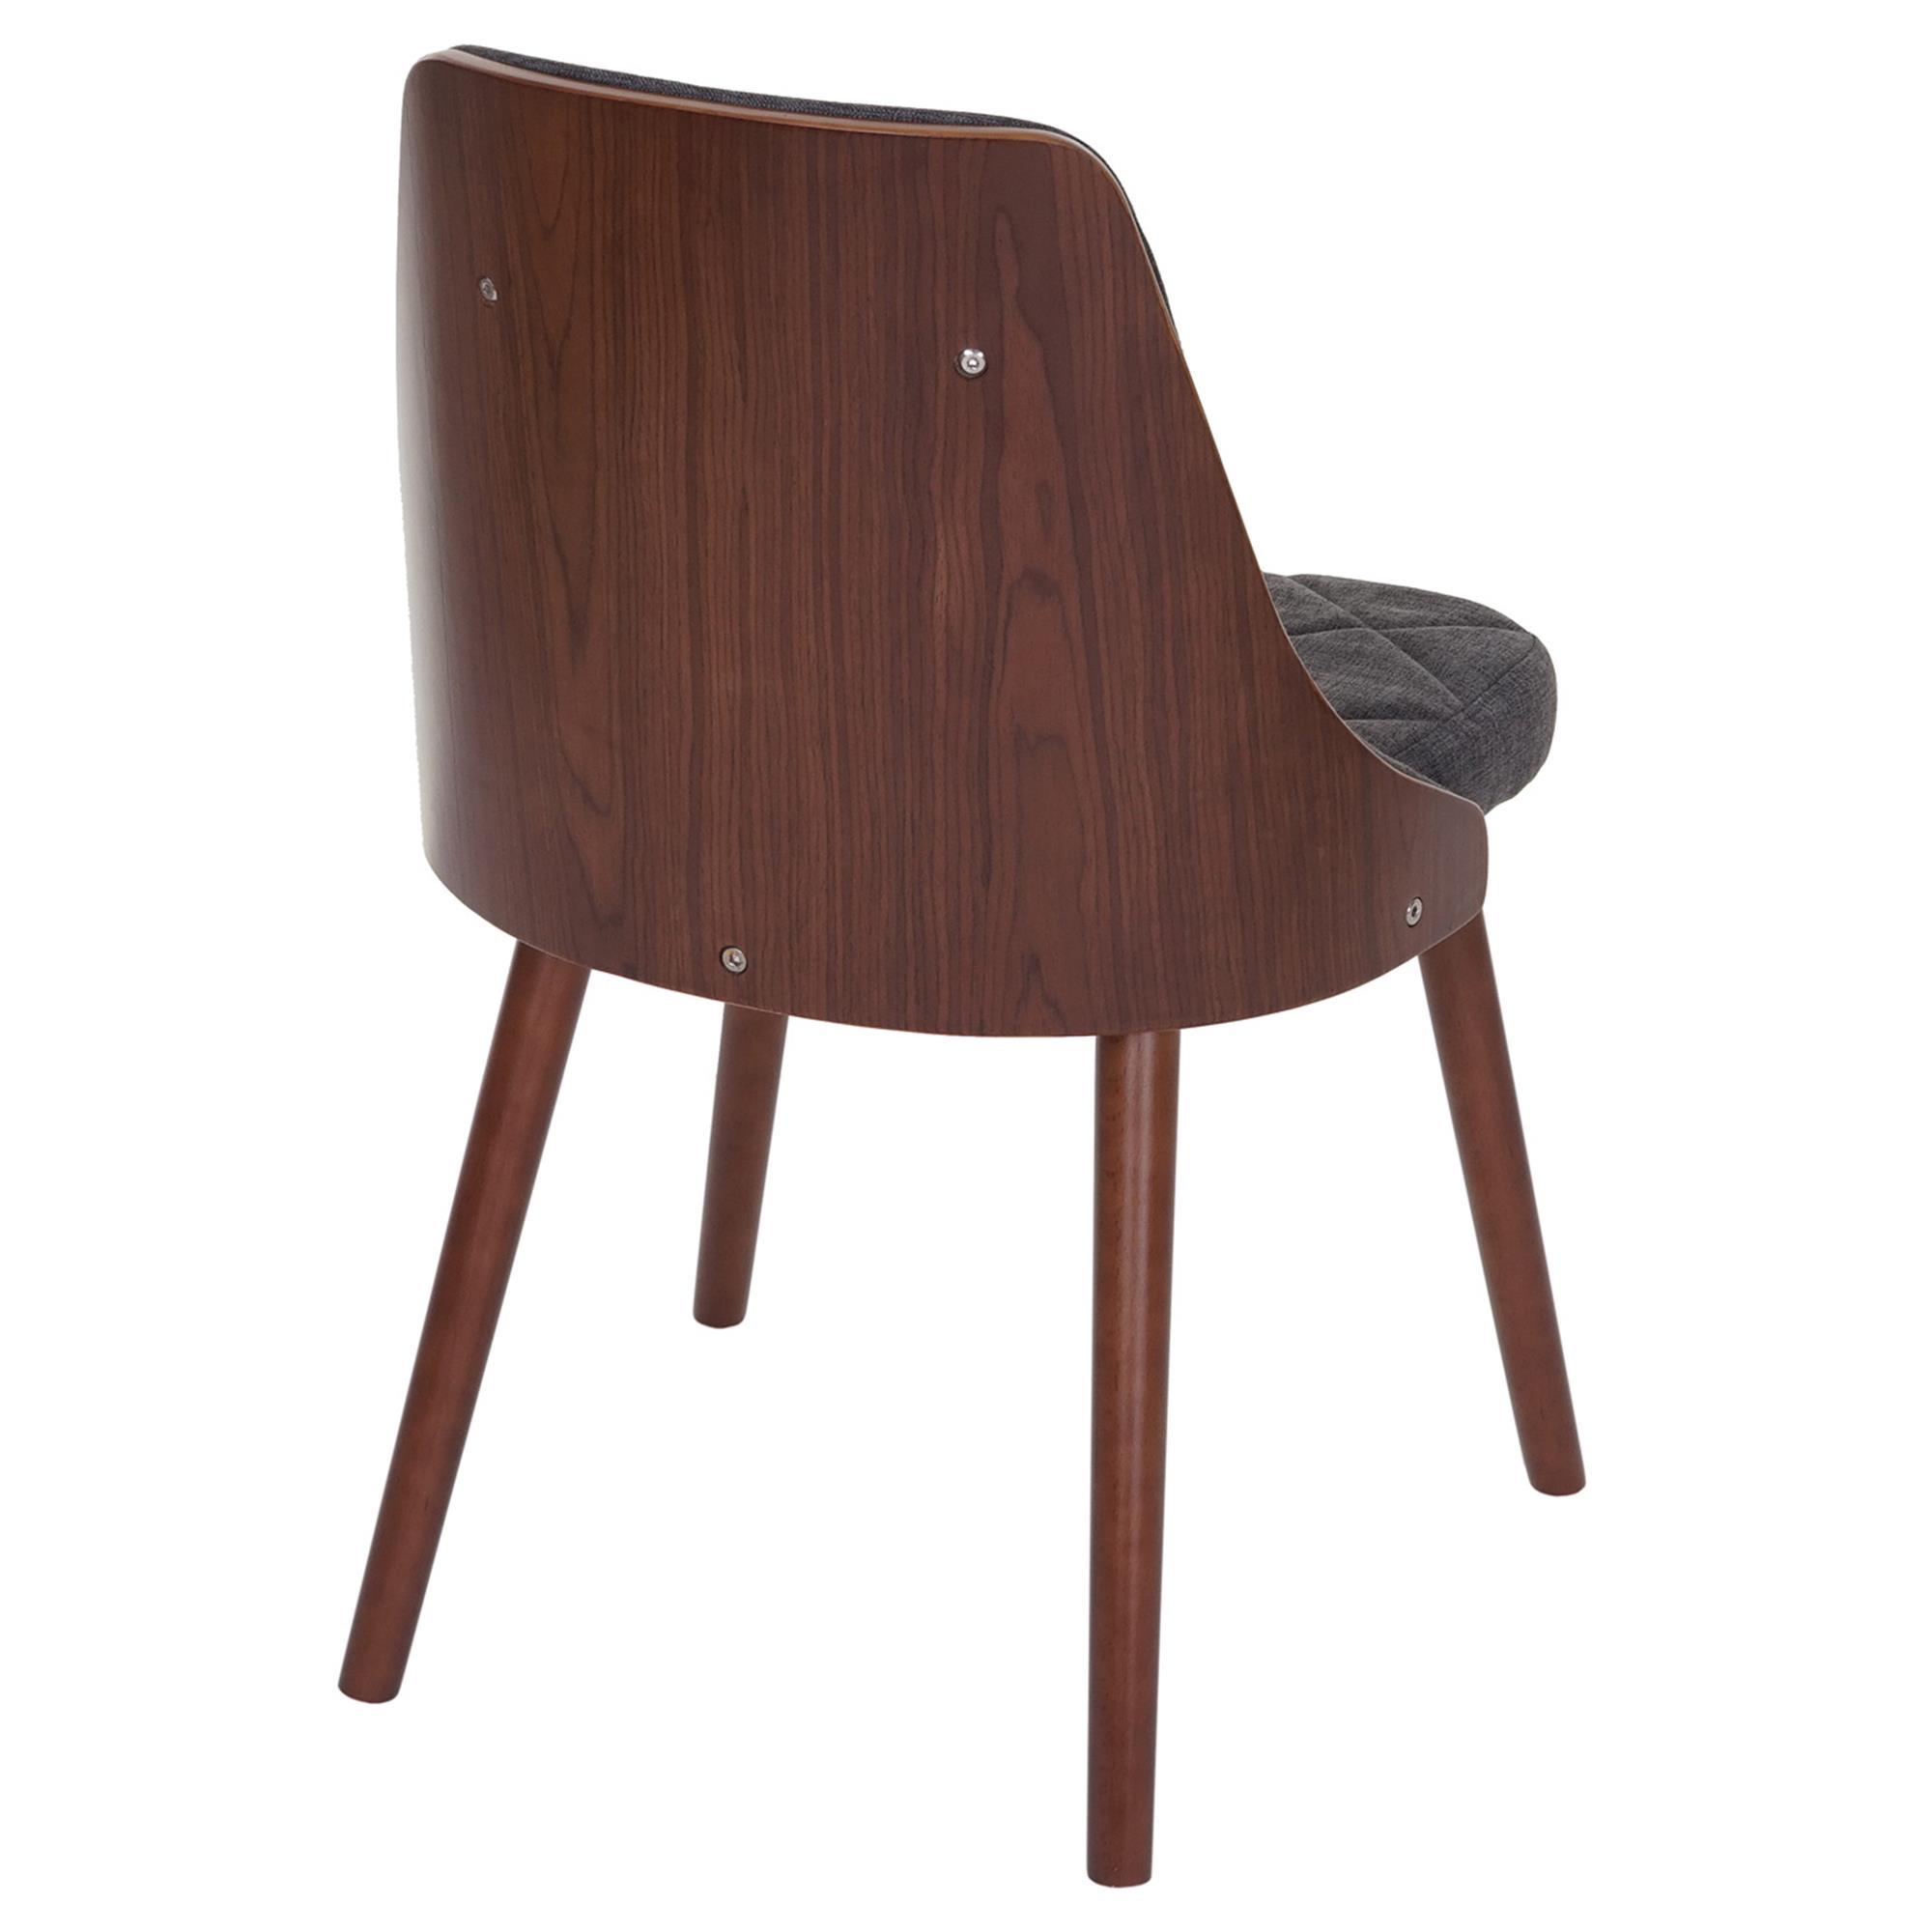 Lote 6 sillas de comedor baley tela en color gris - Tela para sillas de comedor ...